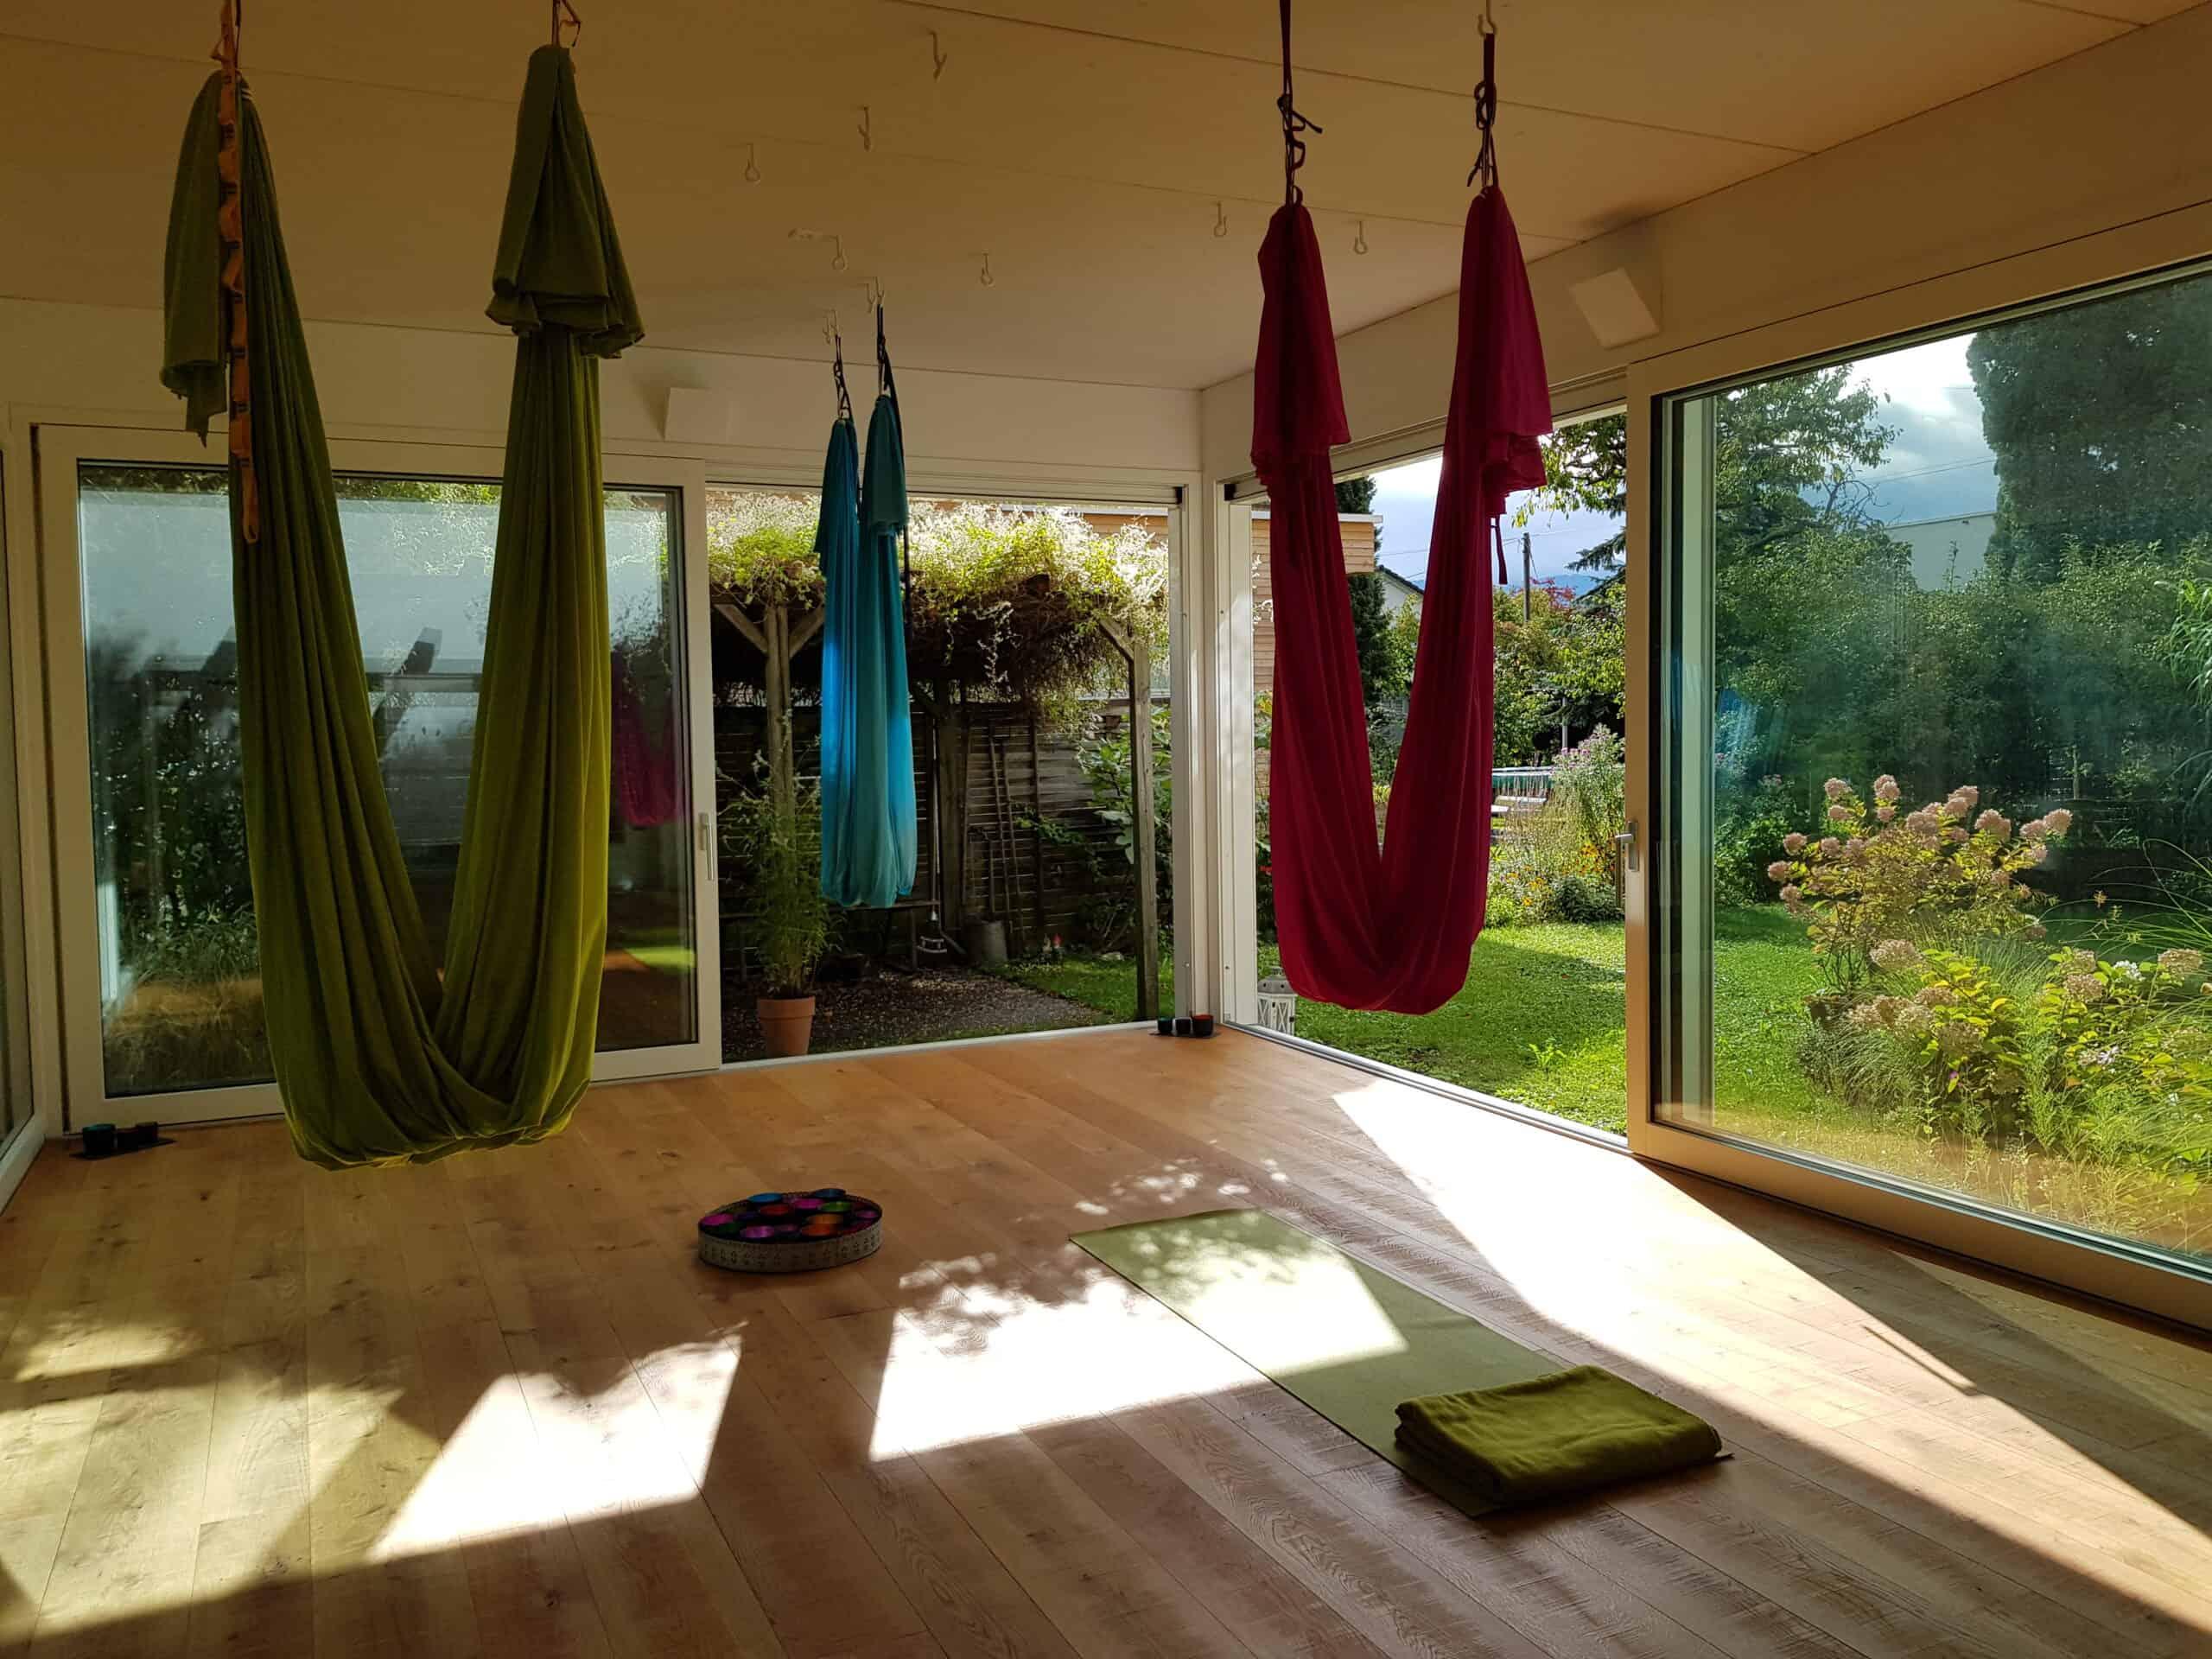 Workshop bewegen - entspannen - sein